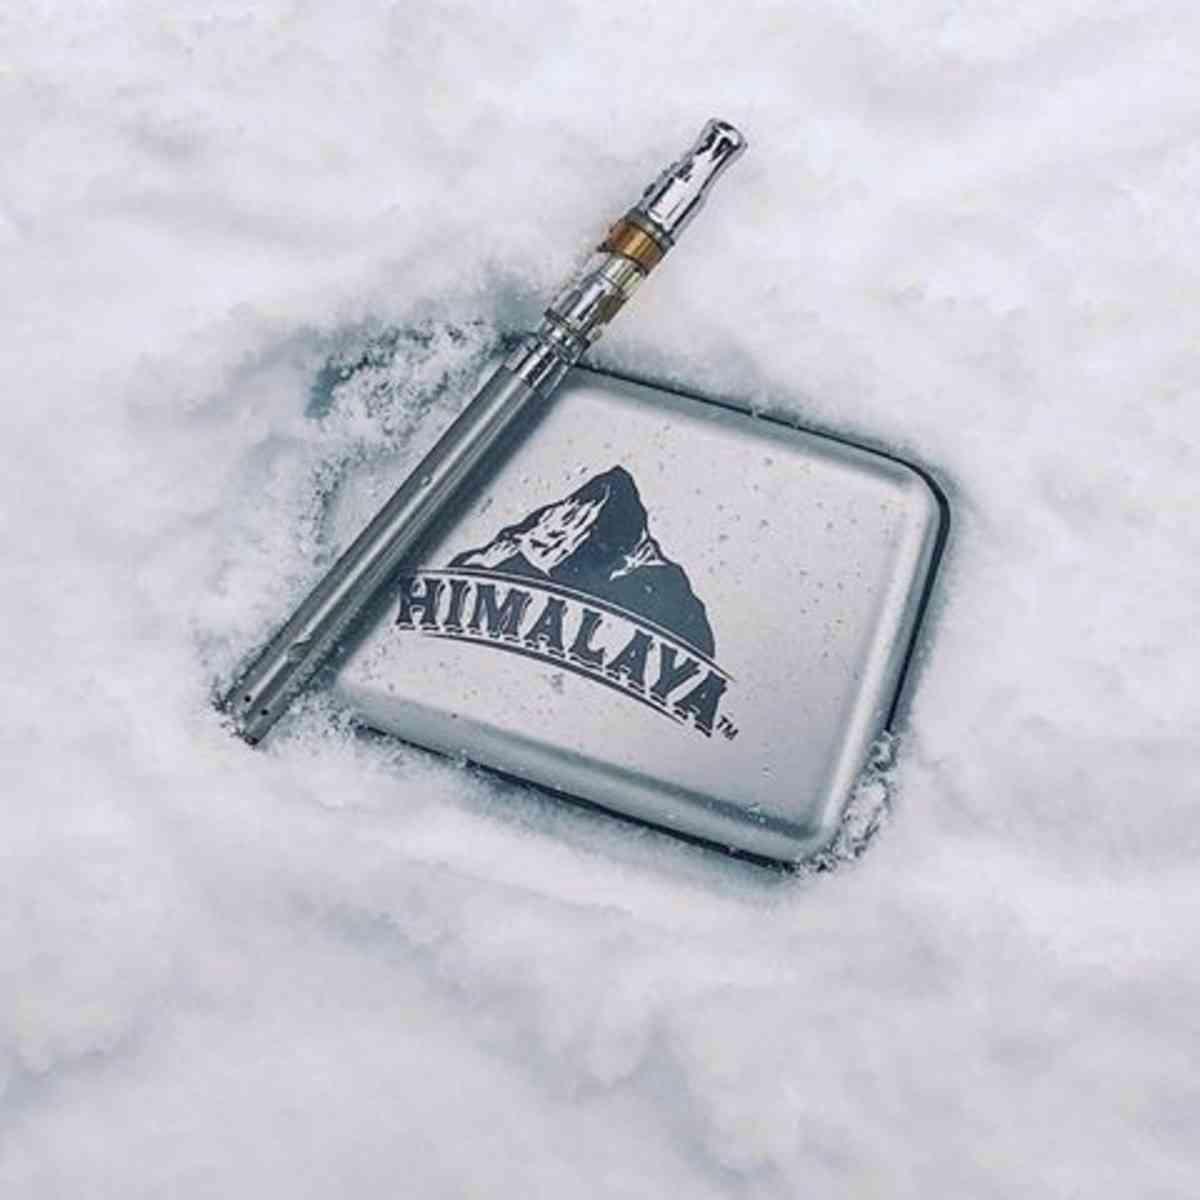 HIMALAYA - BATTERY PEN